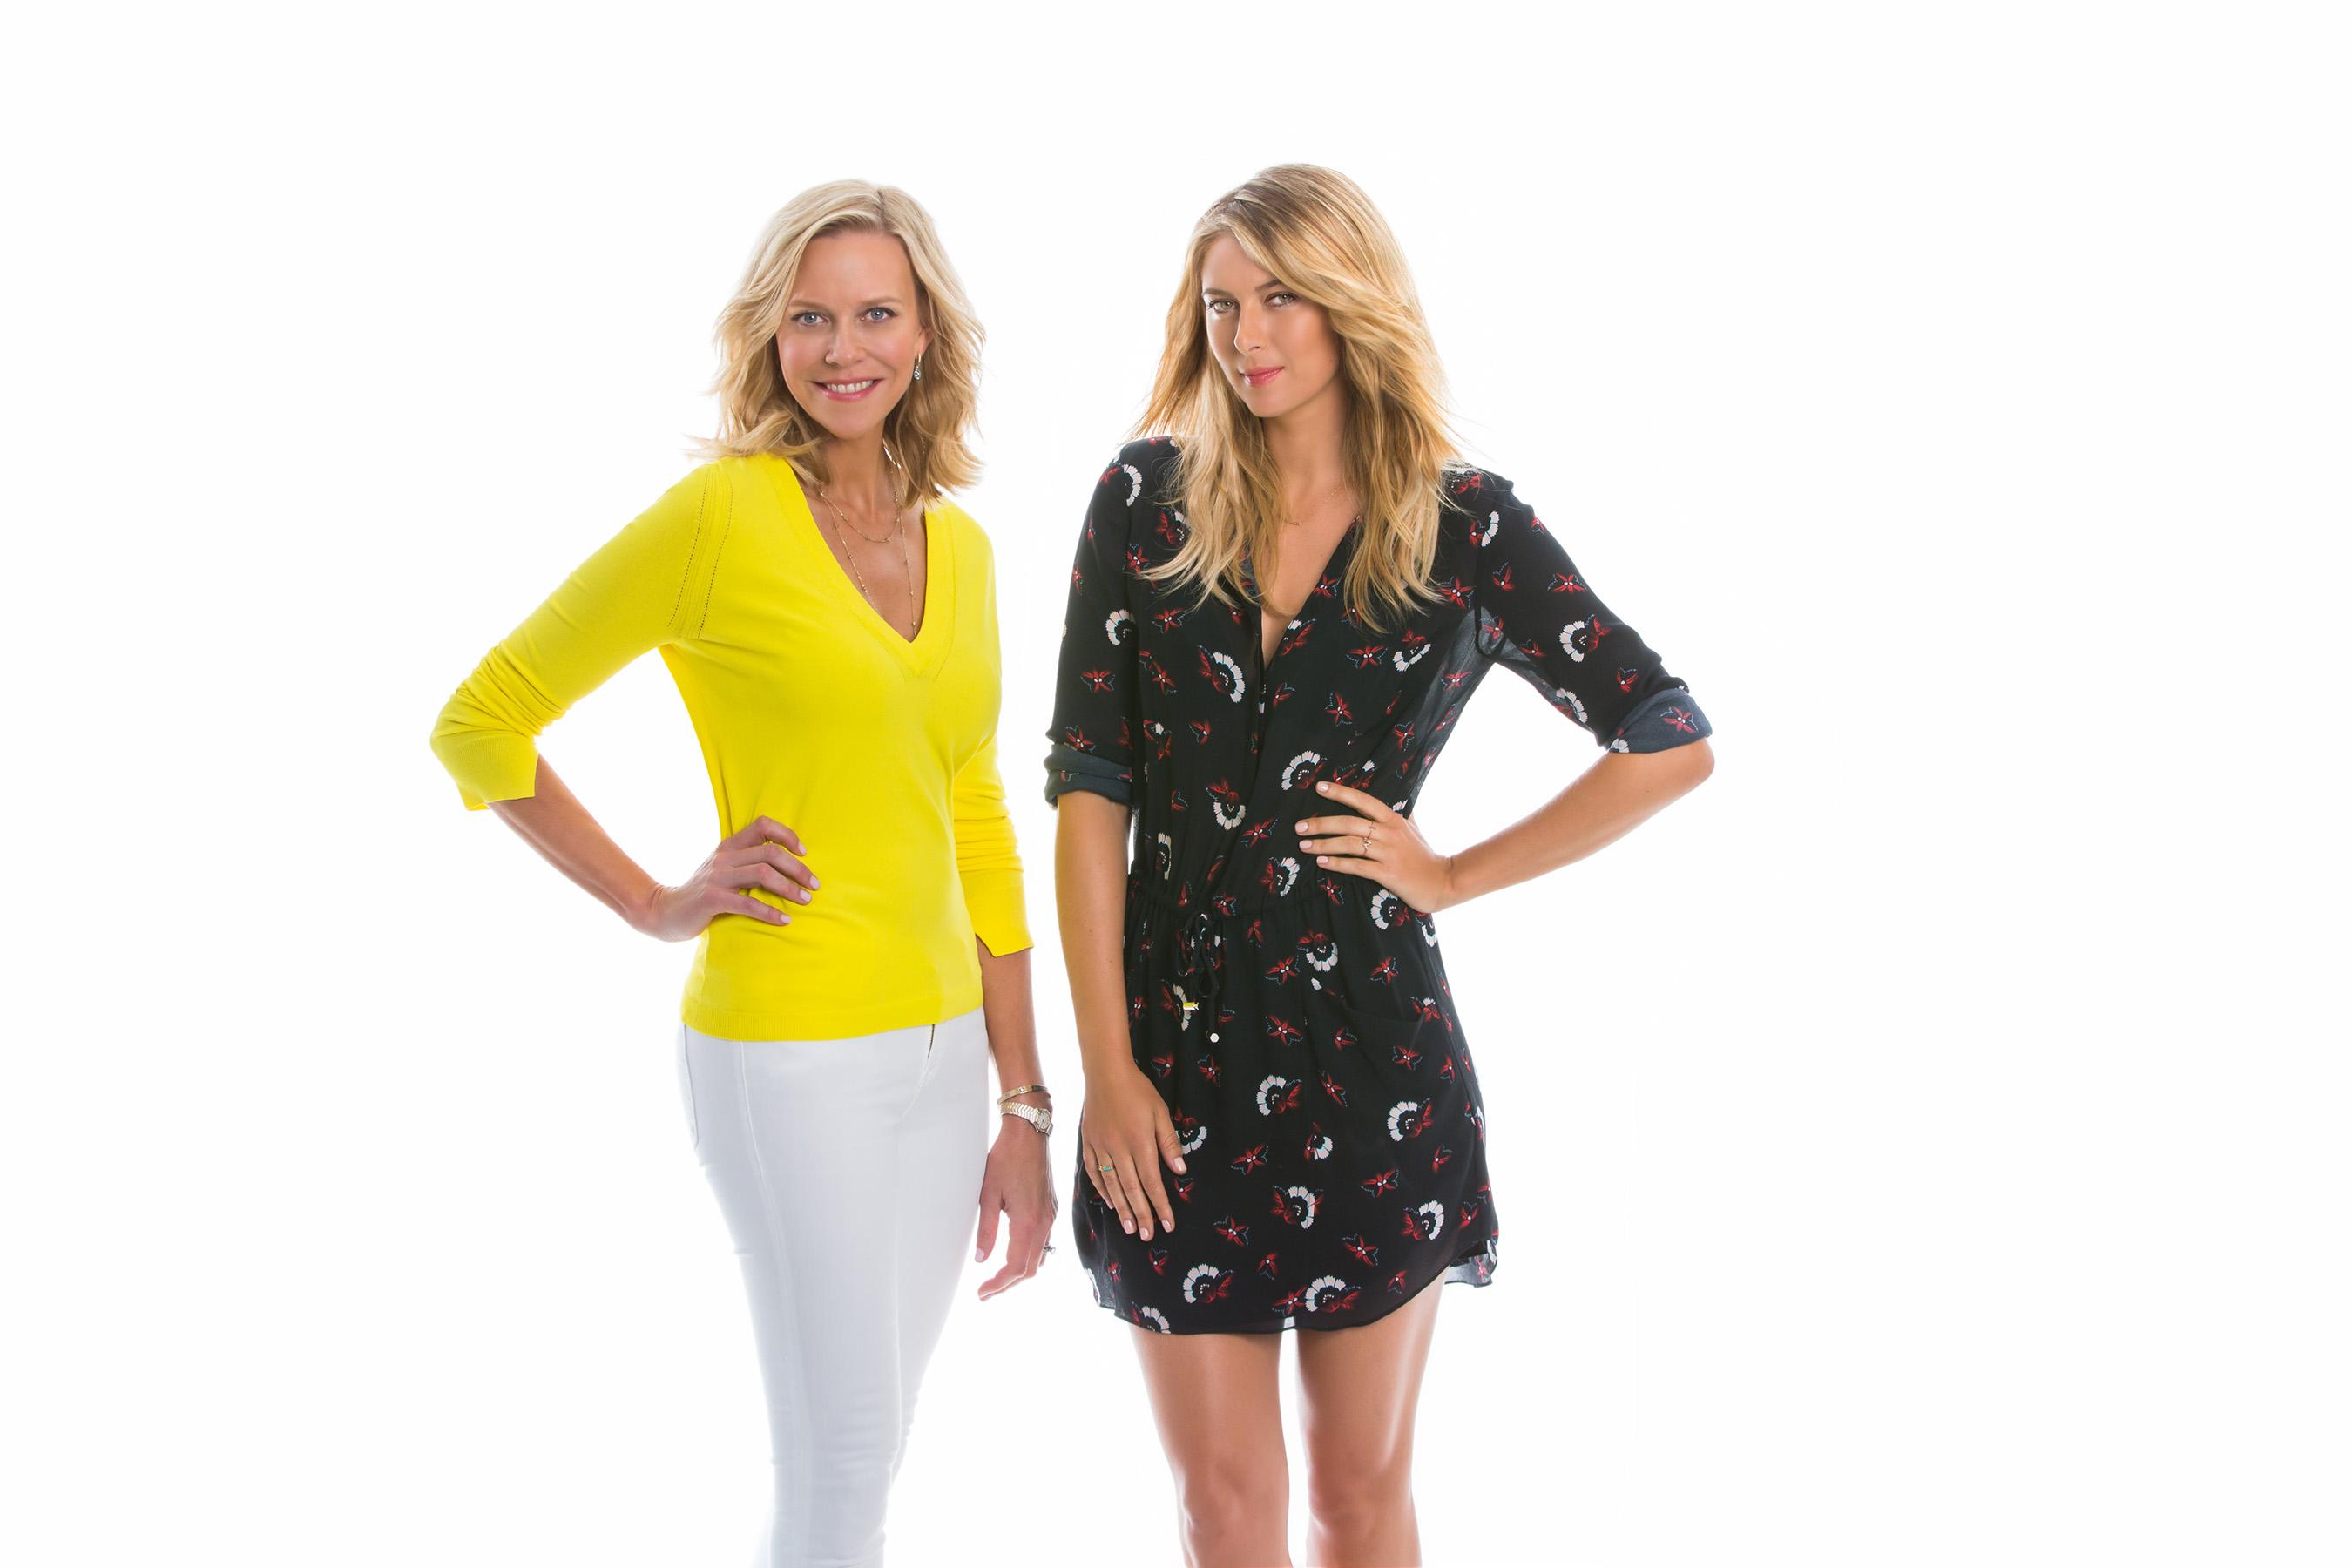 Holly Thaggard and Maria Sharapova